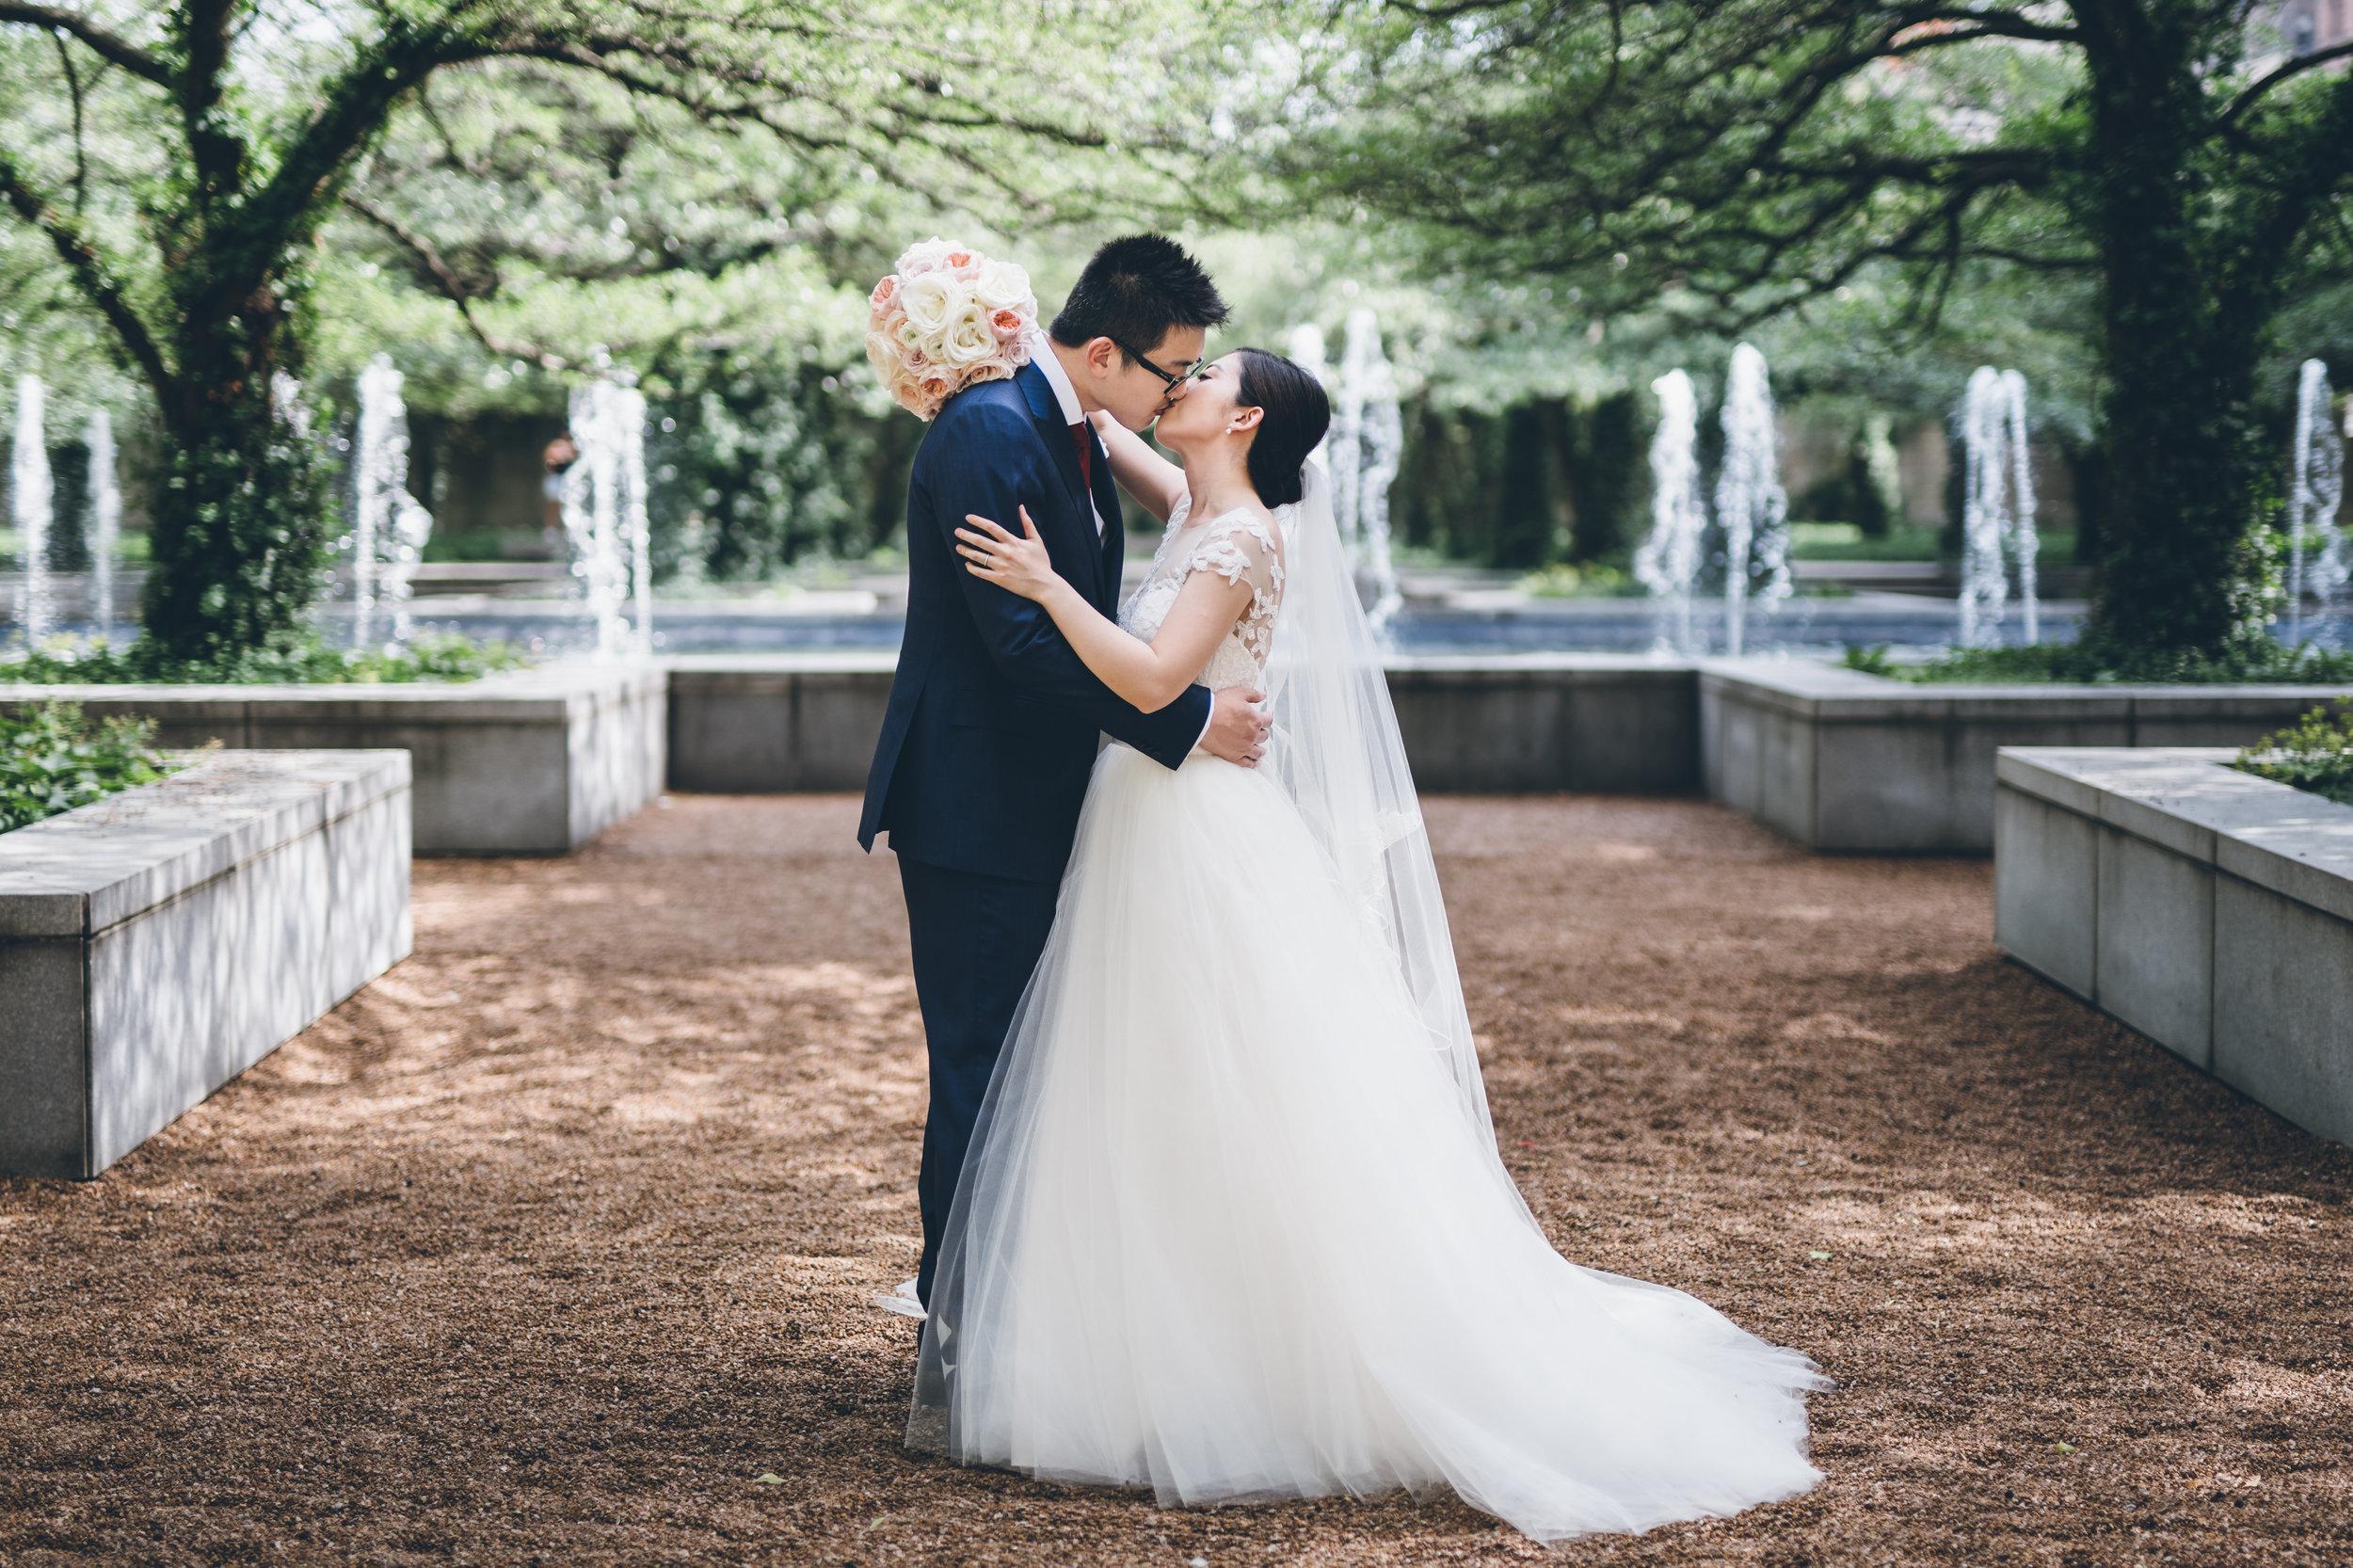 180701 Jessie _ Mingyi Wedding-247.jpg